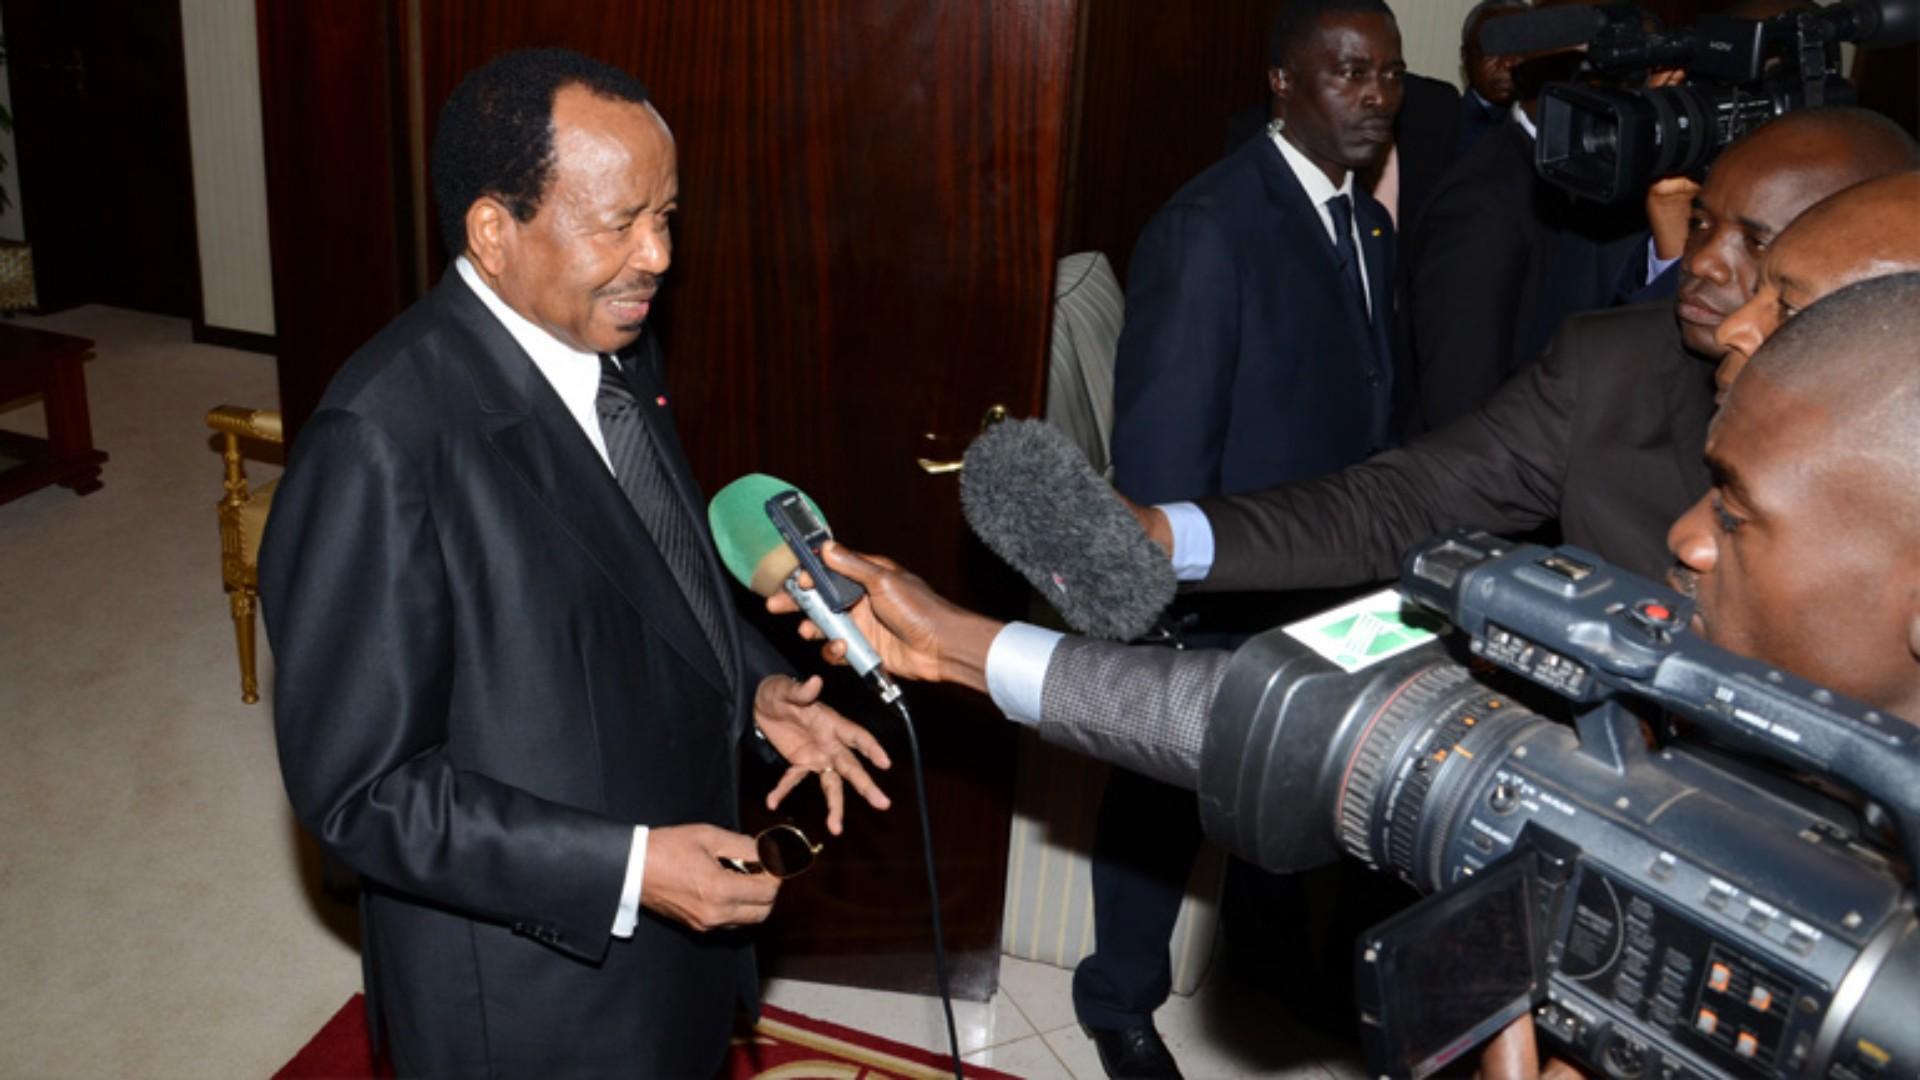 Des médias privés lancent un cri de détresse à Paul Biya